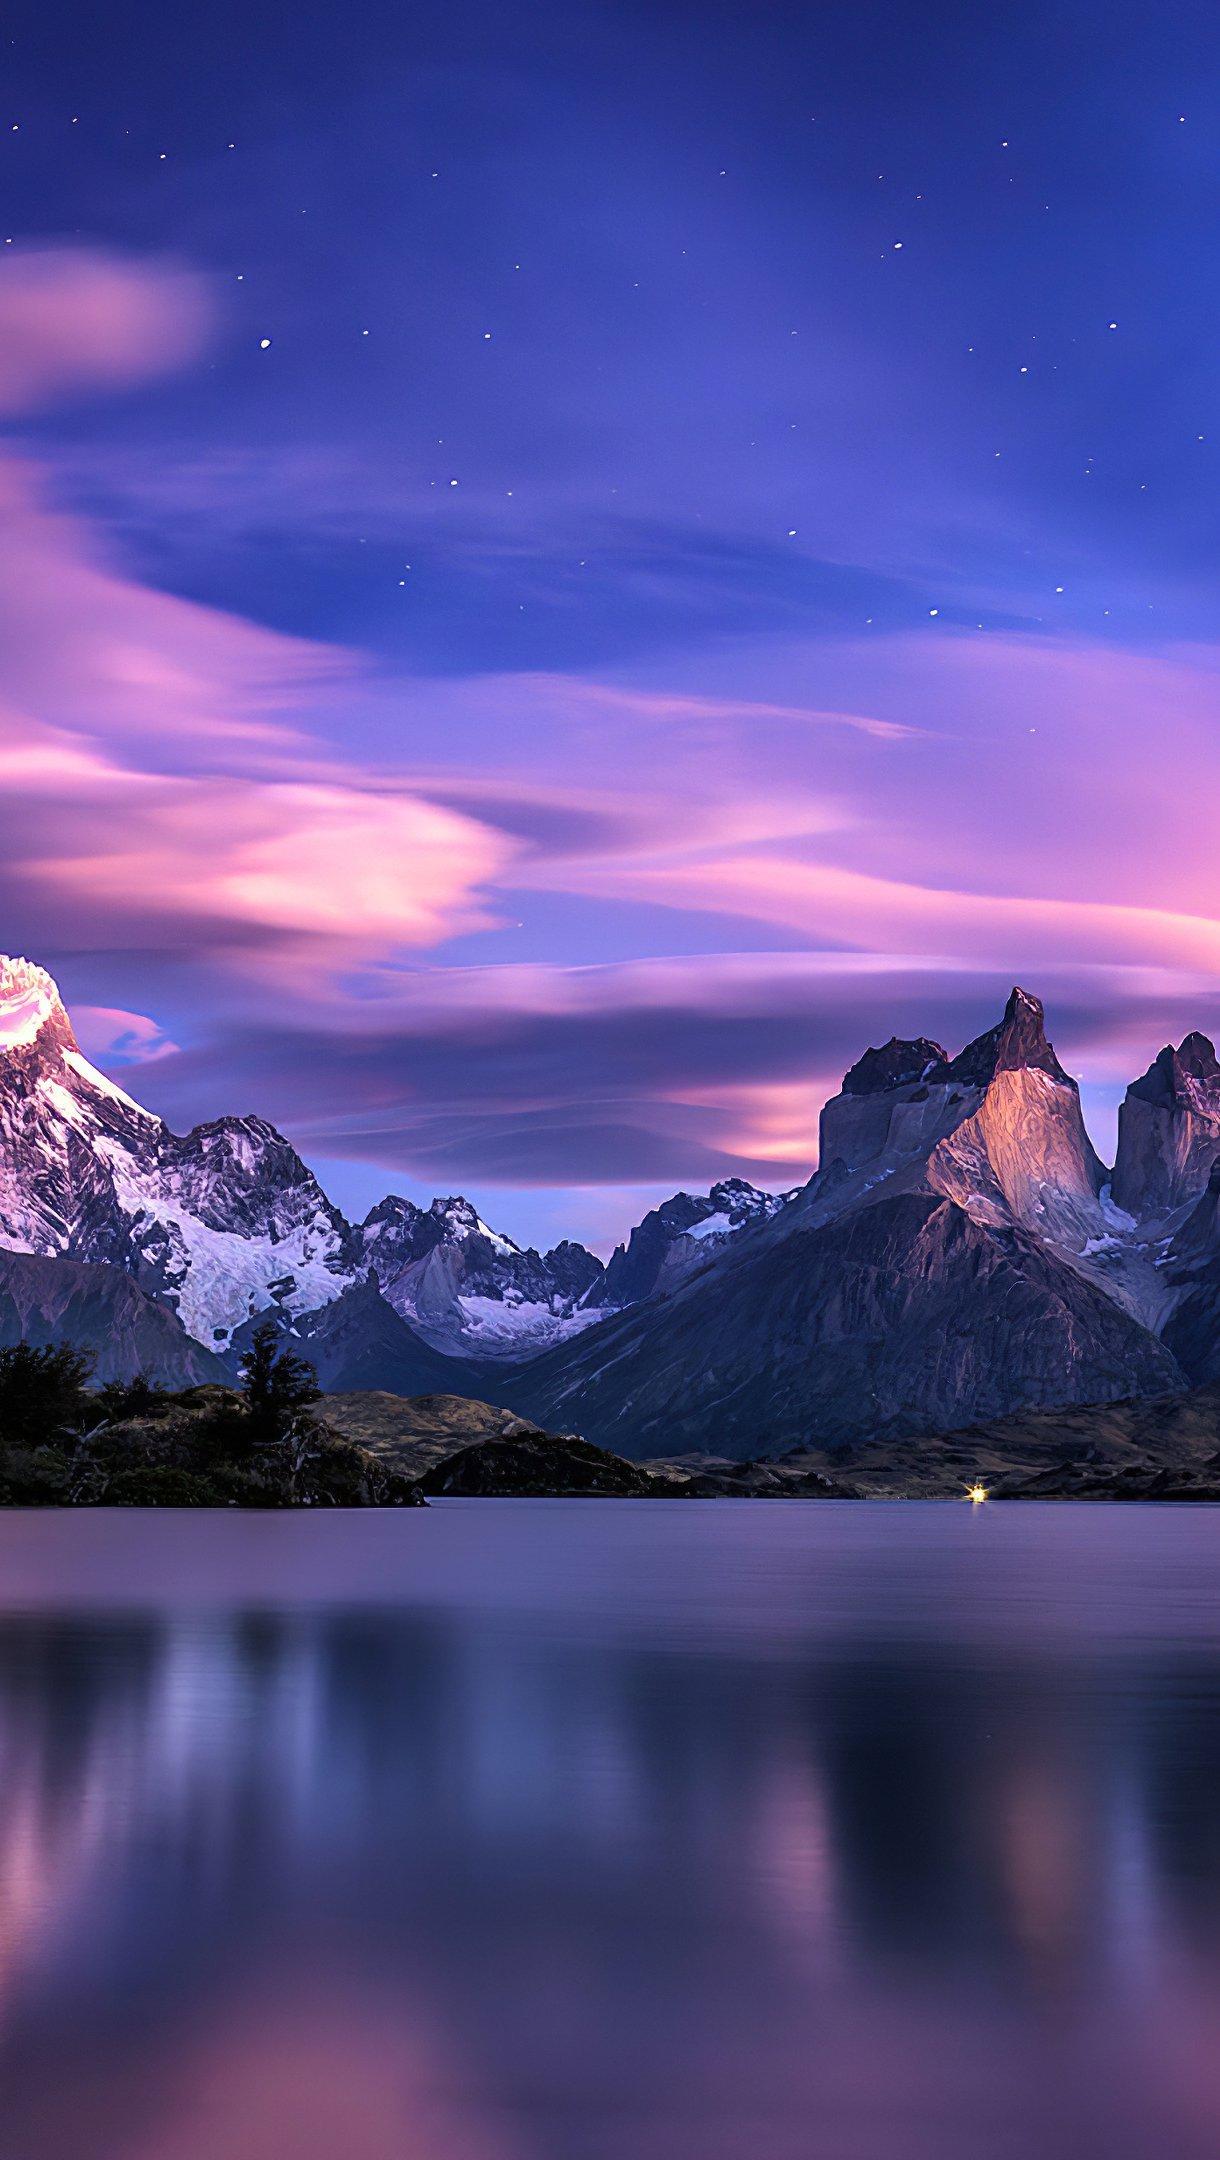 Fondos de pantalla Montañas en lago al atardecer Vertical